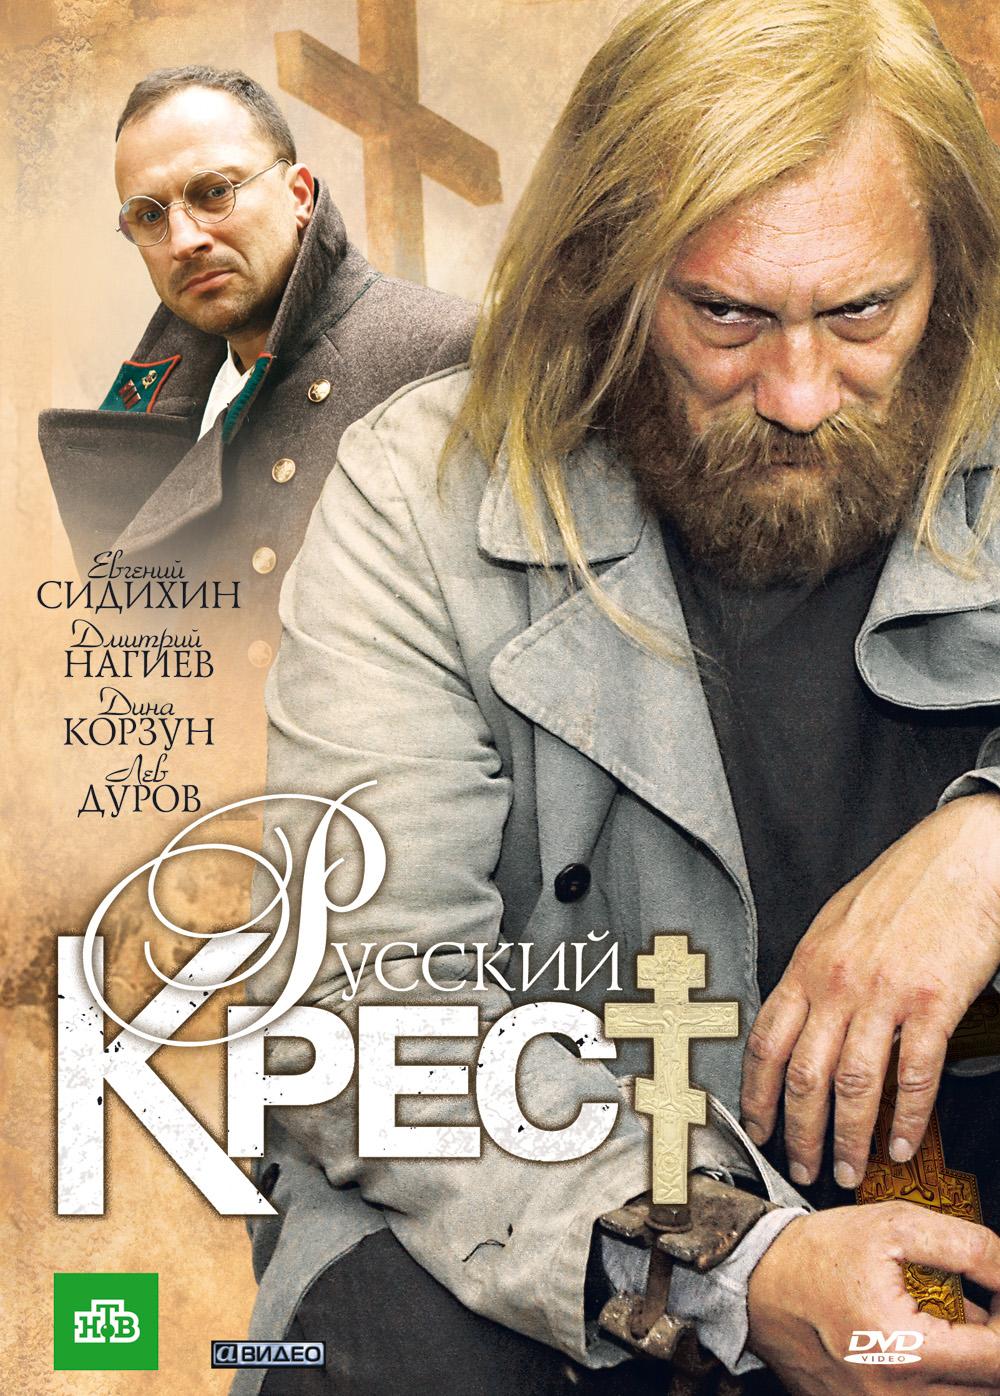 Смотреть бесплатно русский фото торрент фото 171-385